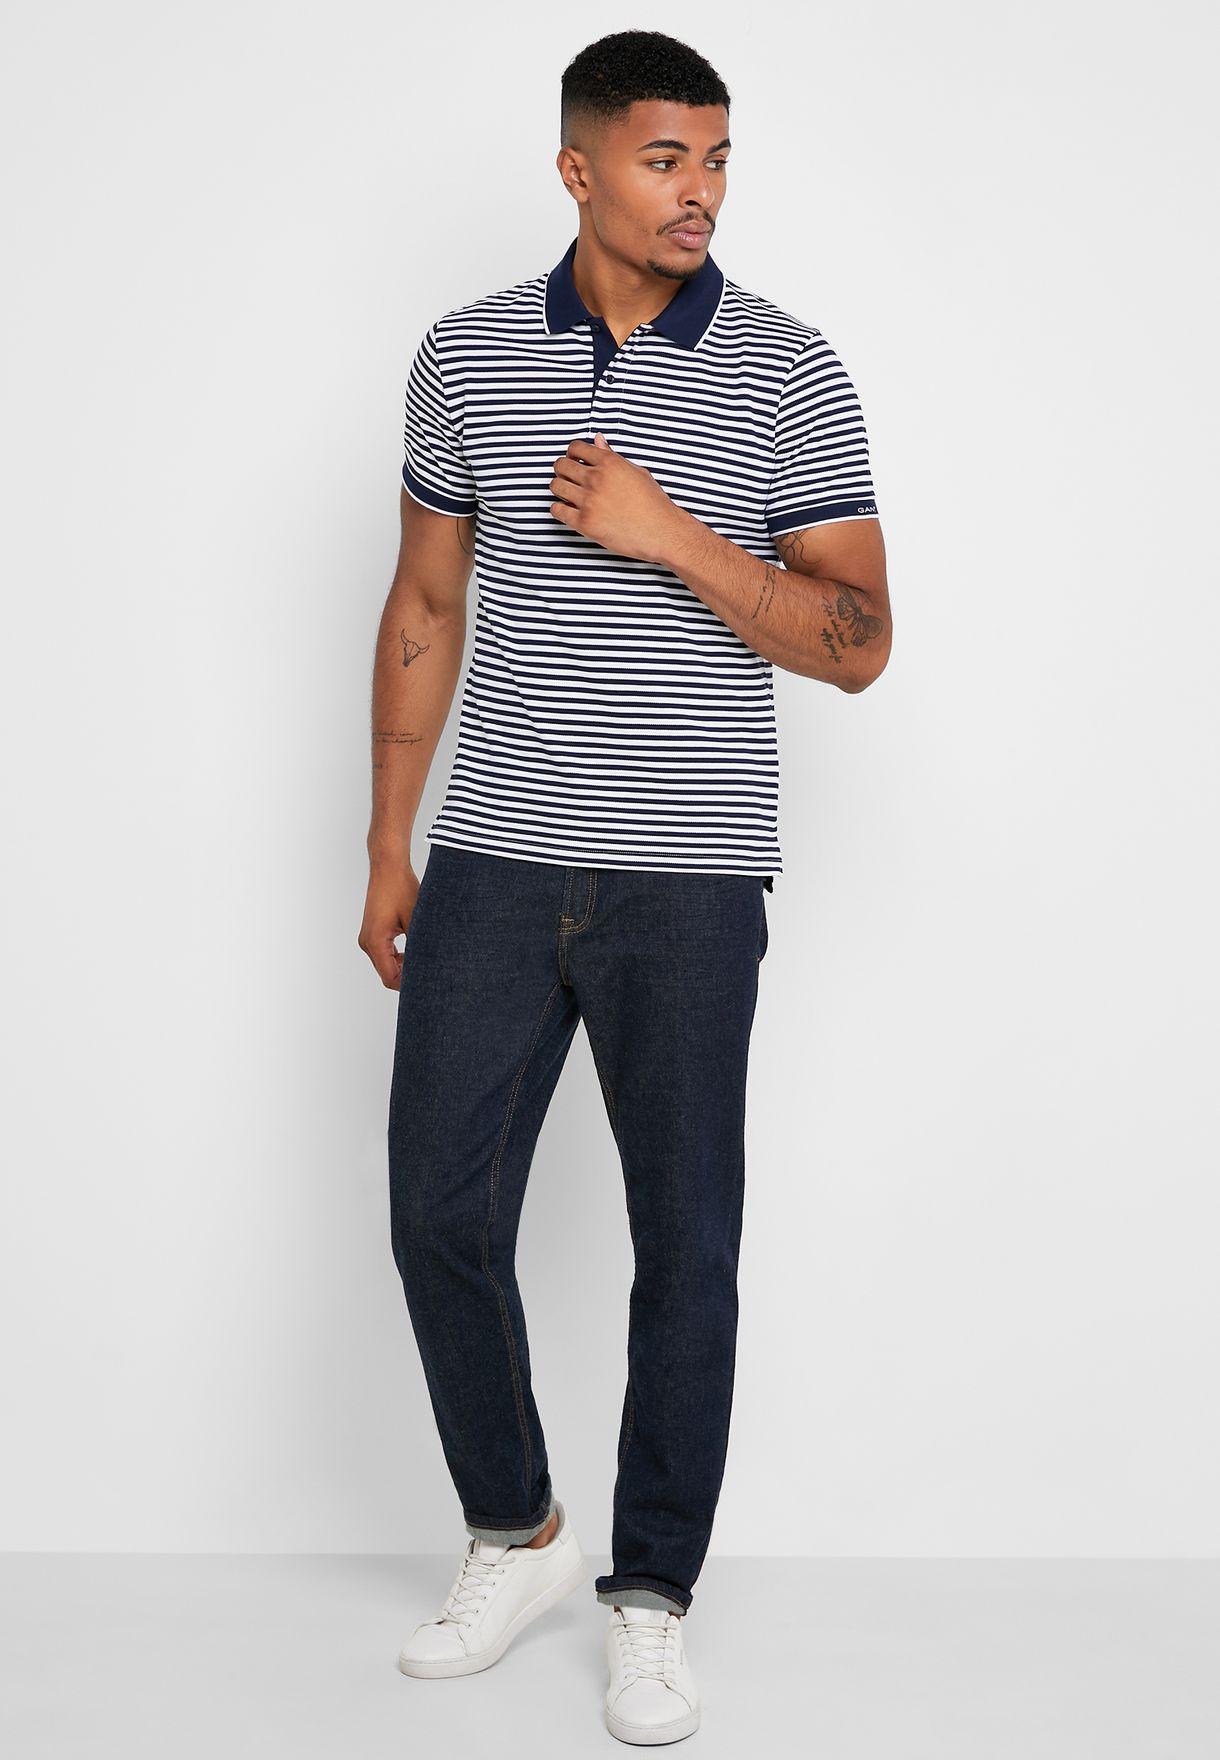 Contrast Edge Striped Polo